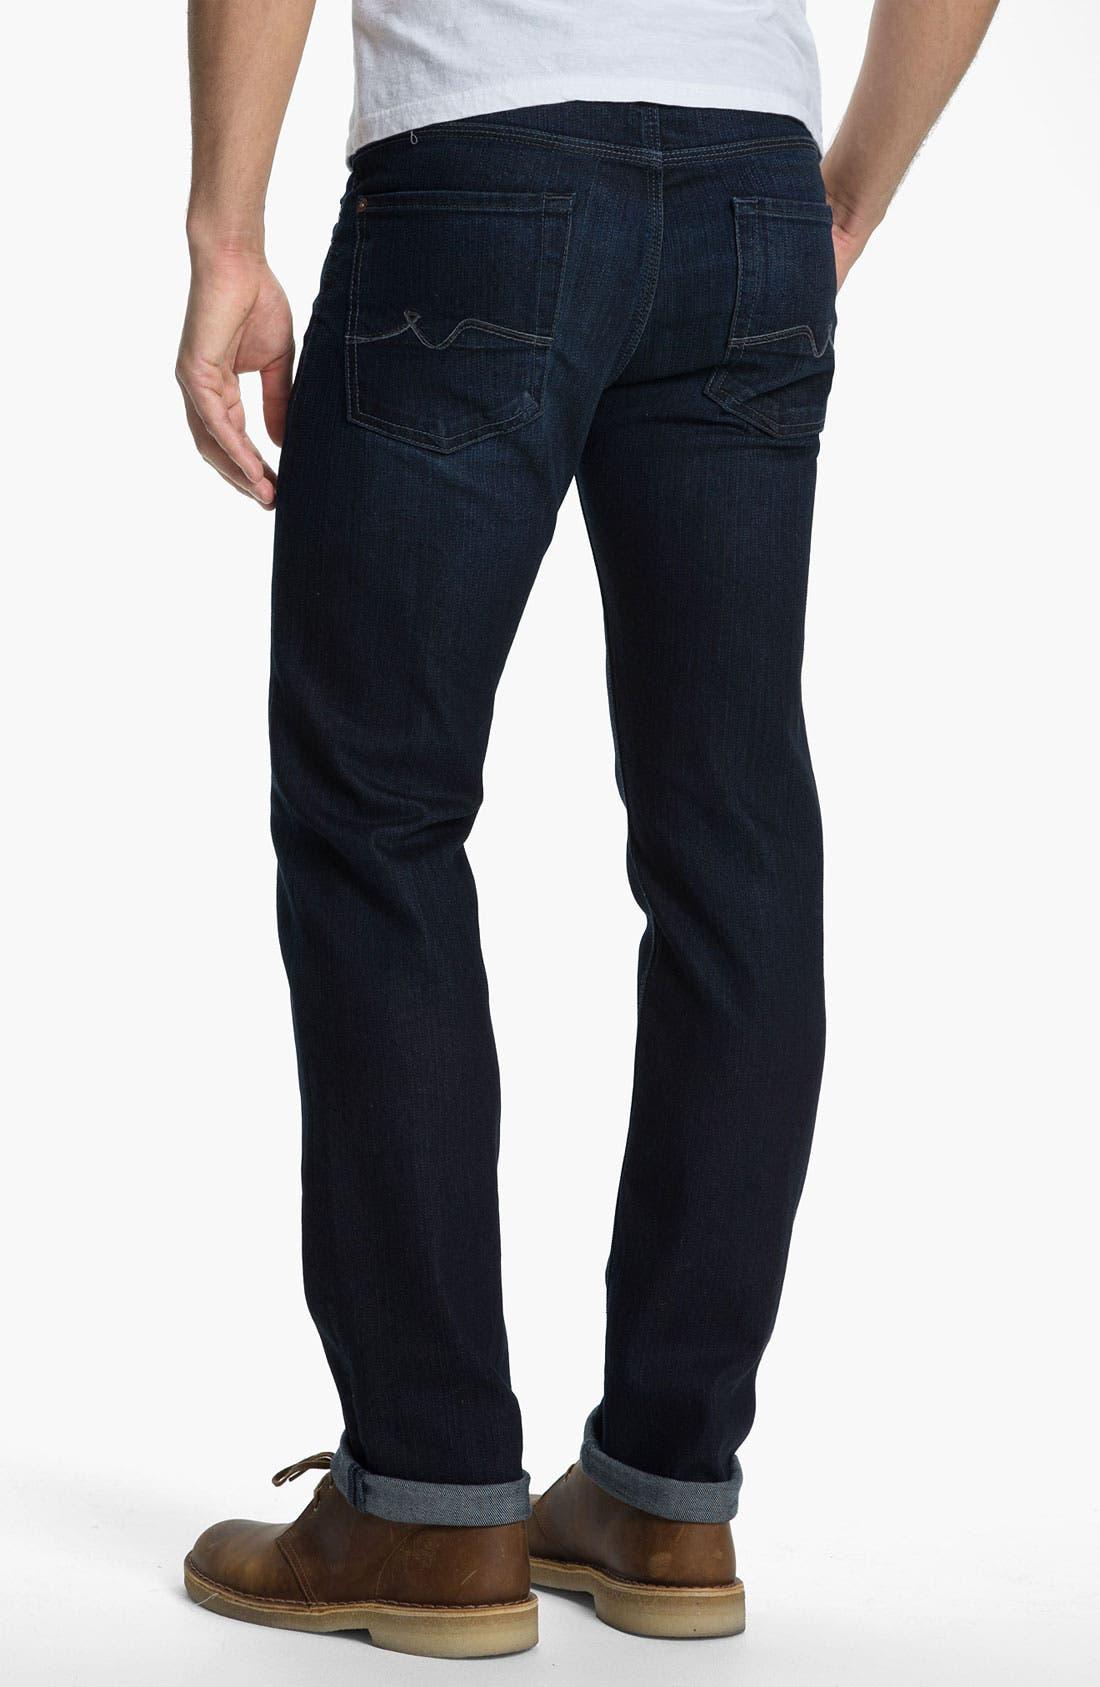 Alternate Image 1 Selected - 7 For All Mankind 'Slimmy' Slim Straight Leg Jeans (Bodega Bay)